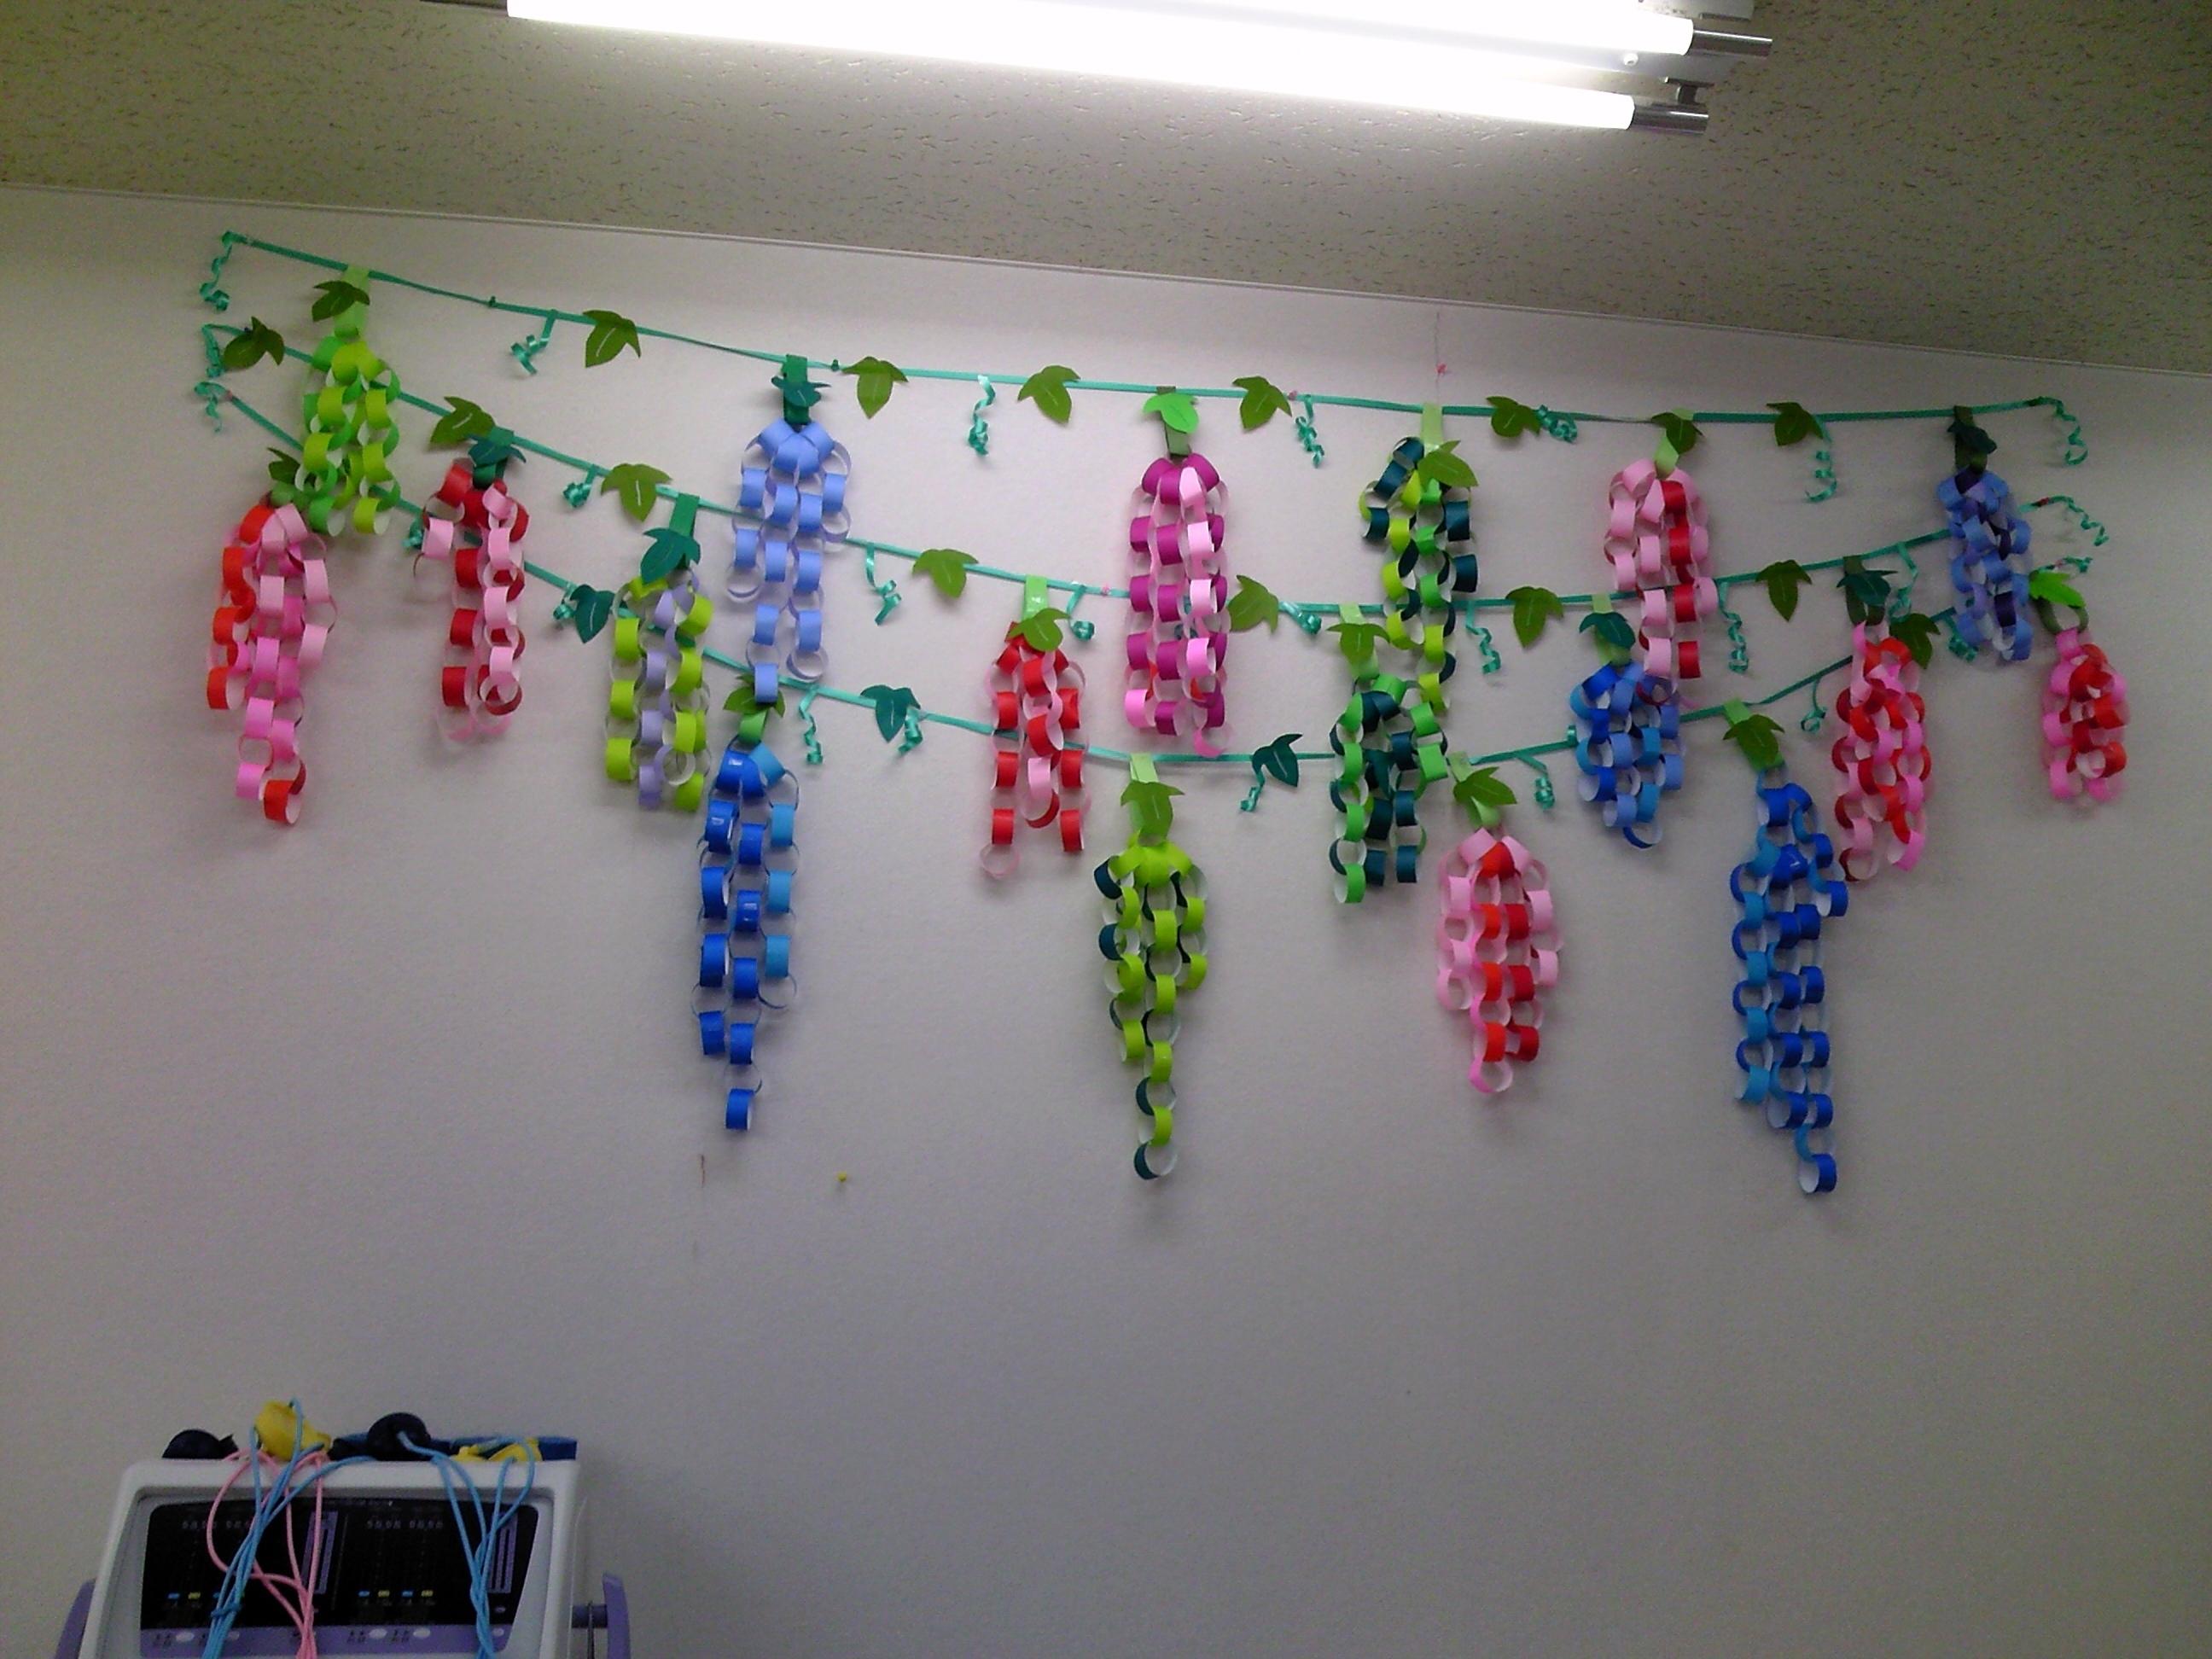 みんなの作った壁紙工作できた ... : 七夕の飾り : 七夕